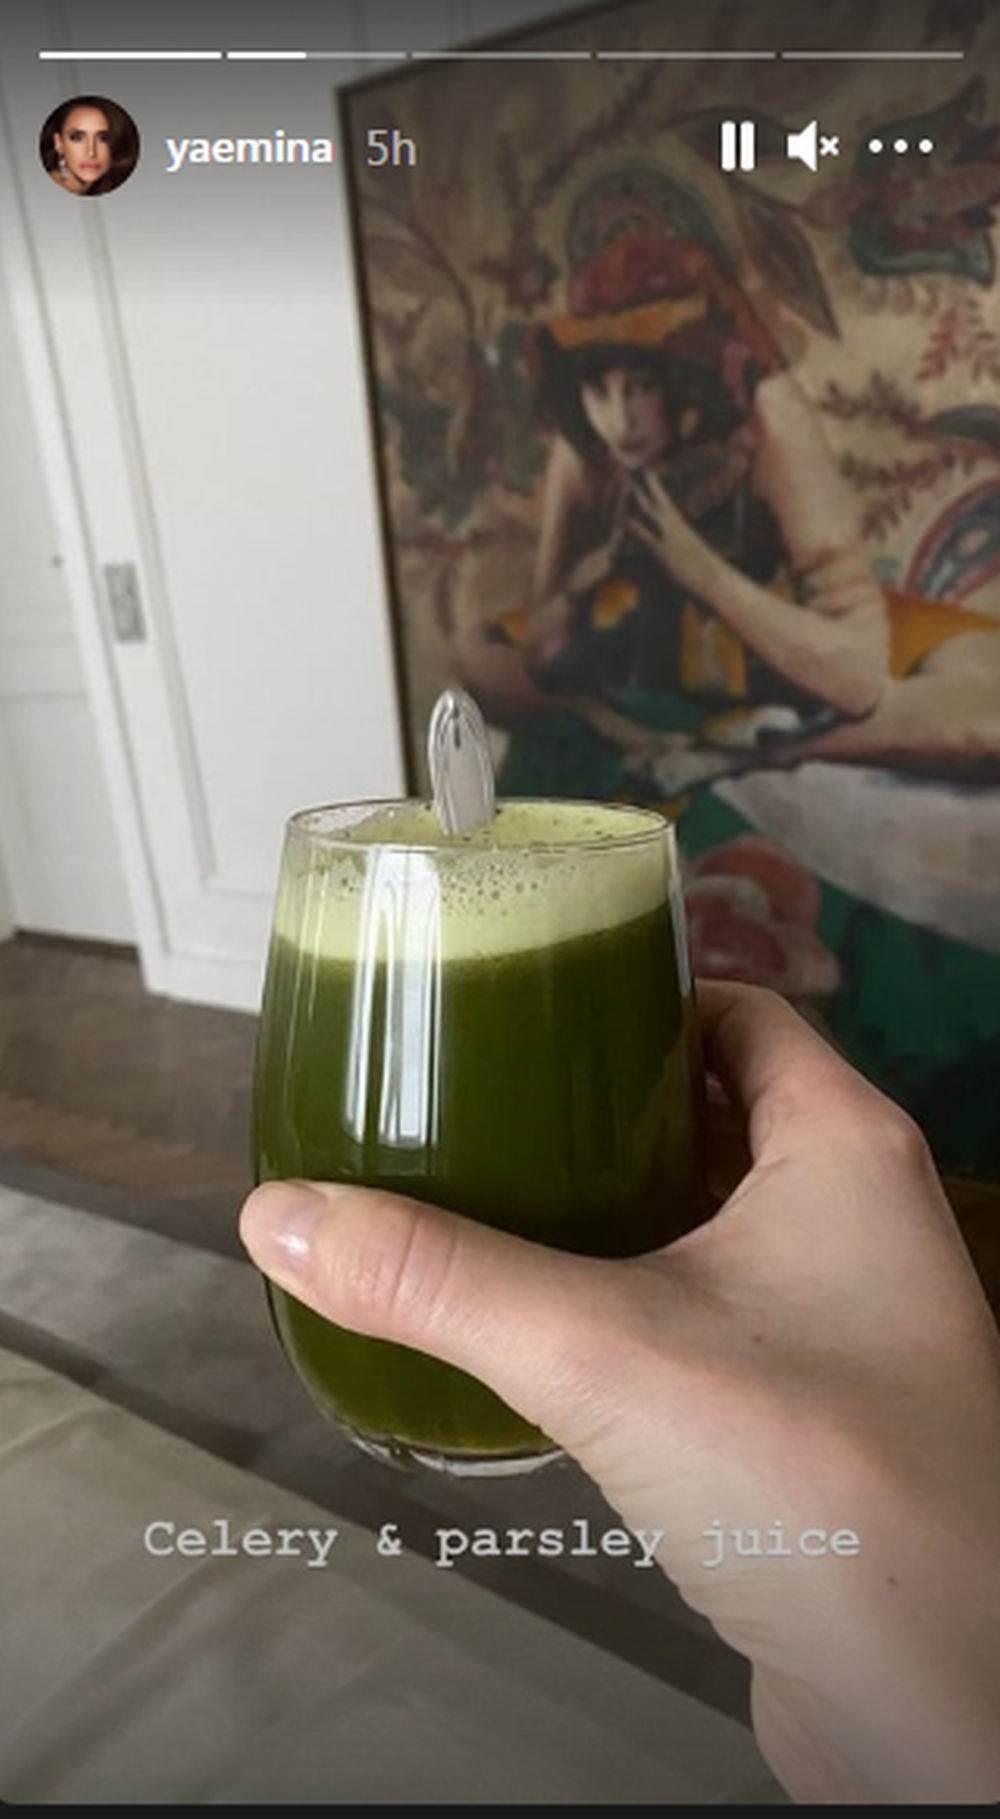 emina jahovic sok celer persun